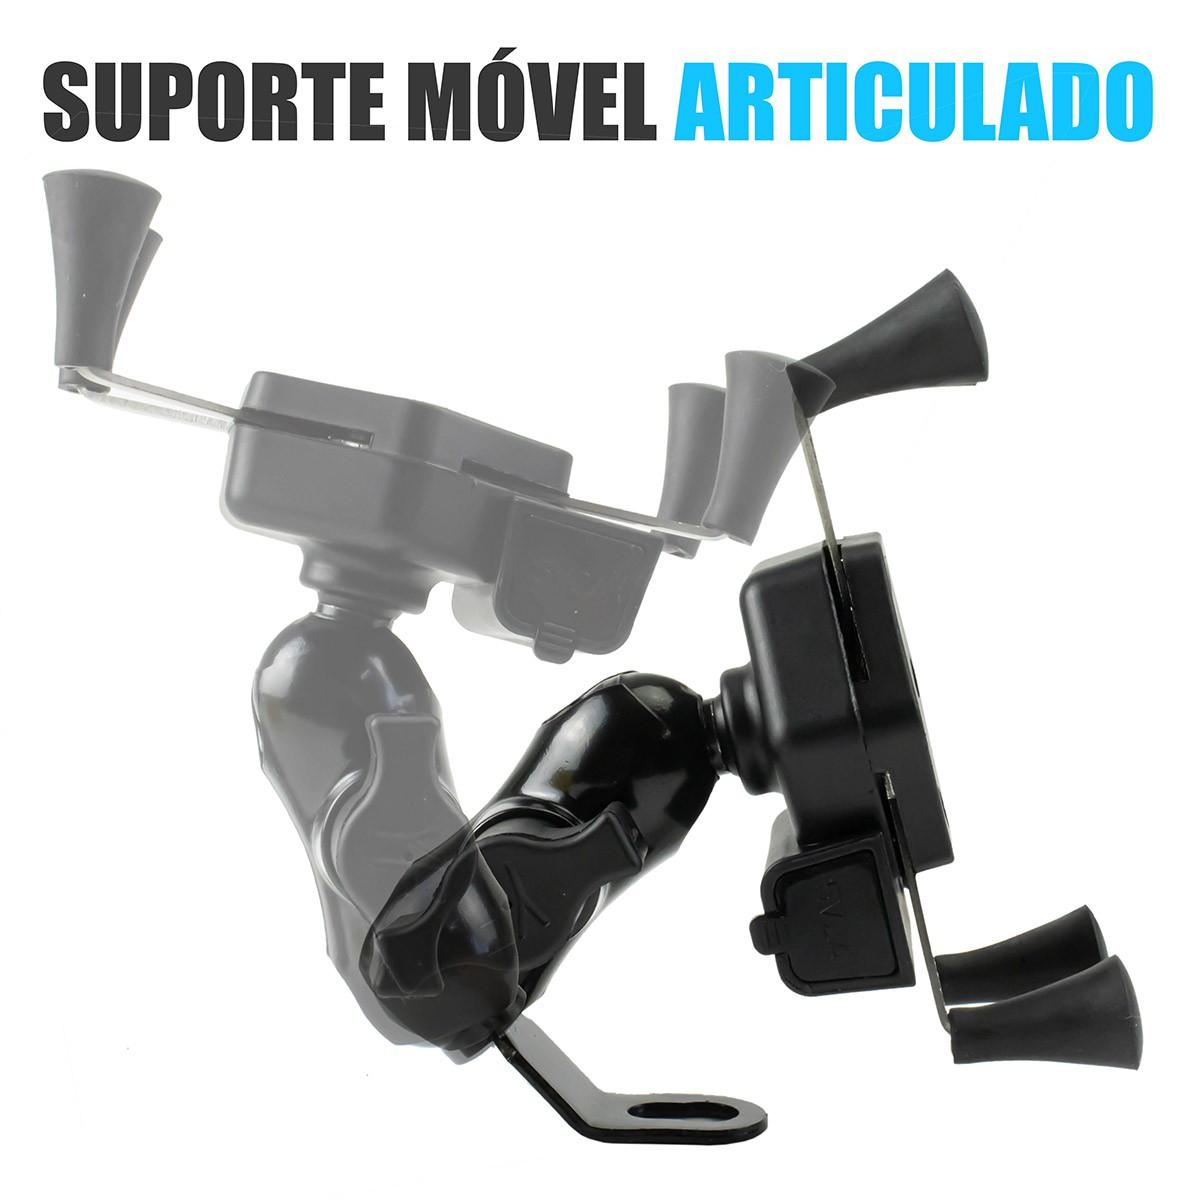 KIT 3x Suporte de Celular para Moto Retrovisor com Carregador B-Max BMG-20